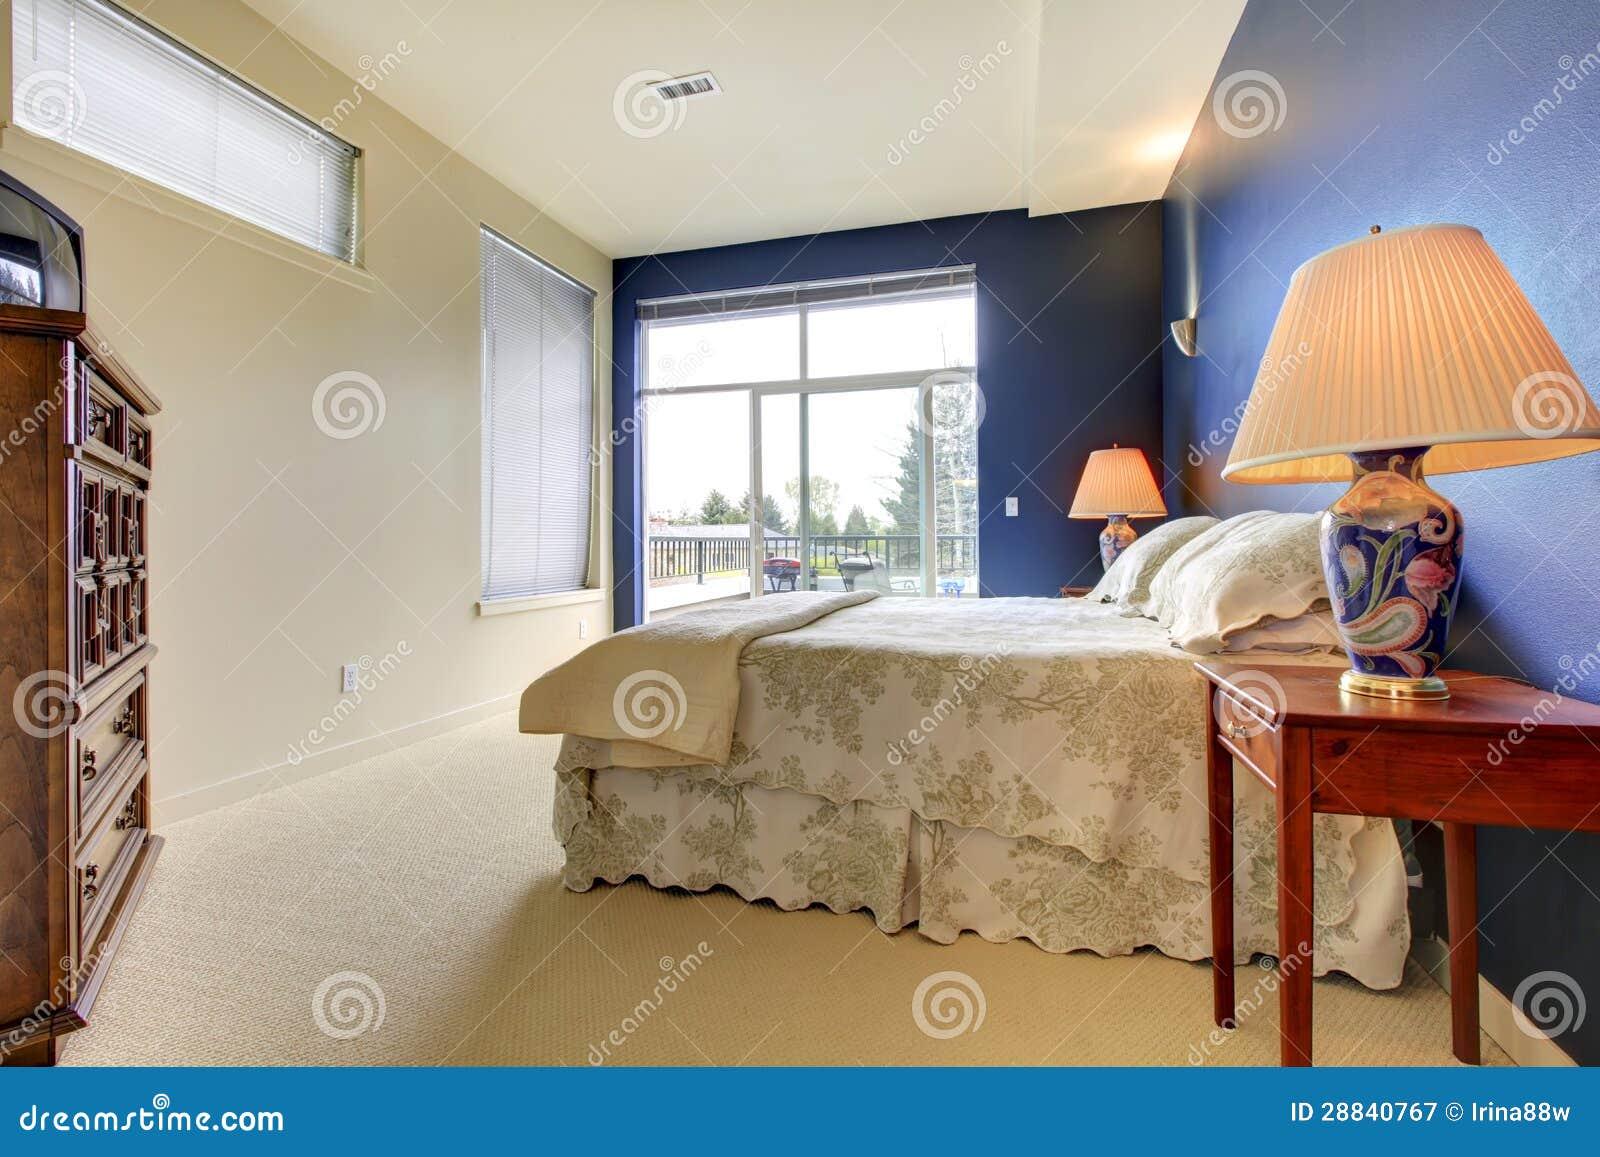 Slaapkamer Met Blauwe Muur En Aziatische Lampen. Royalty-vrije Stock ...